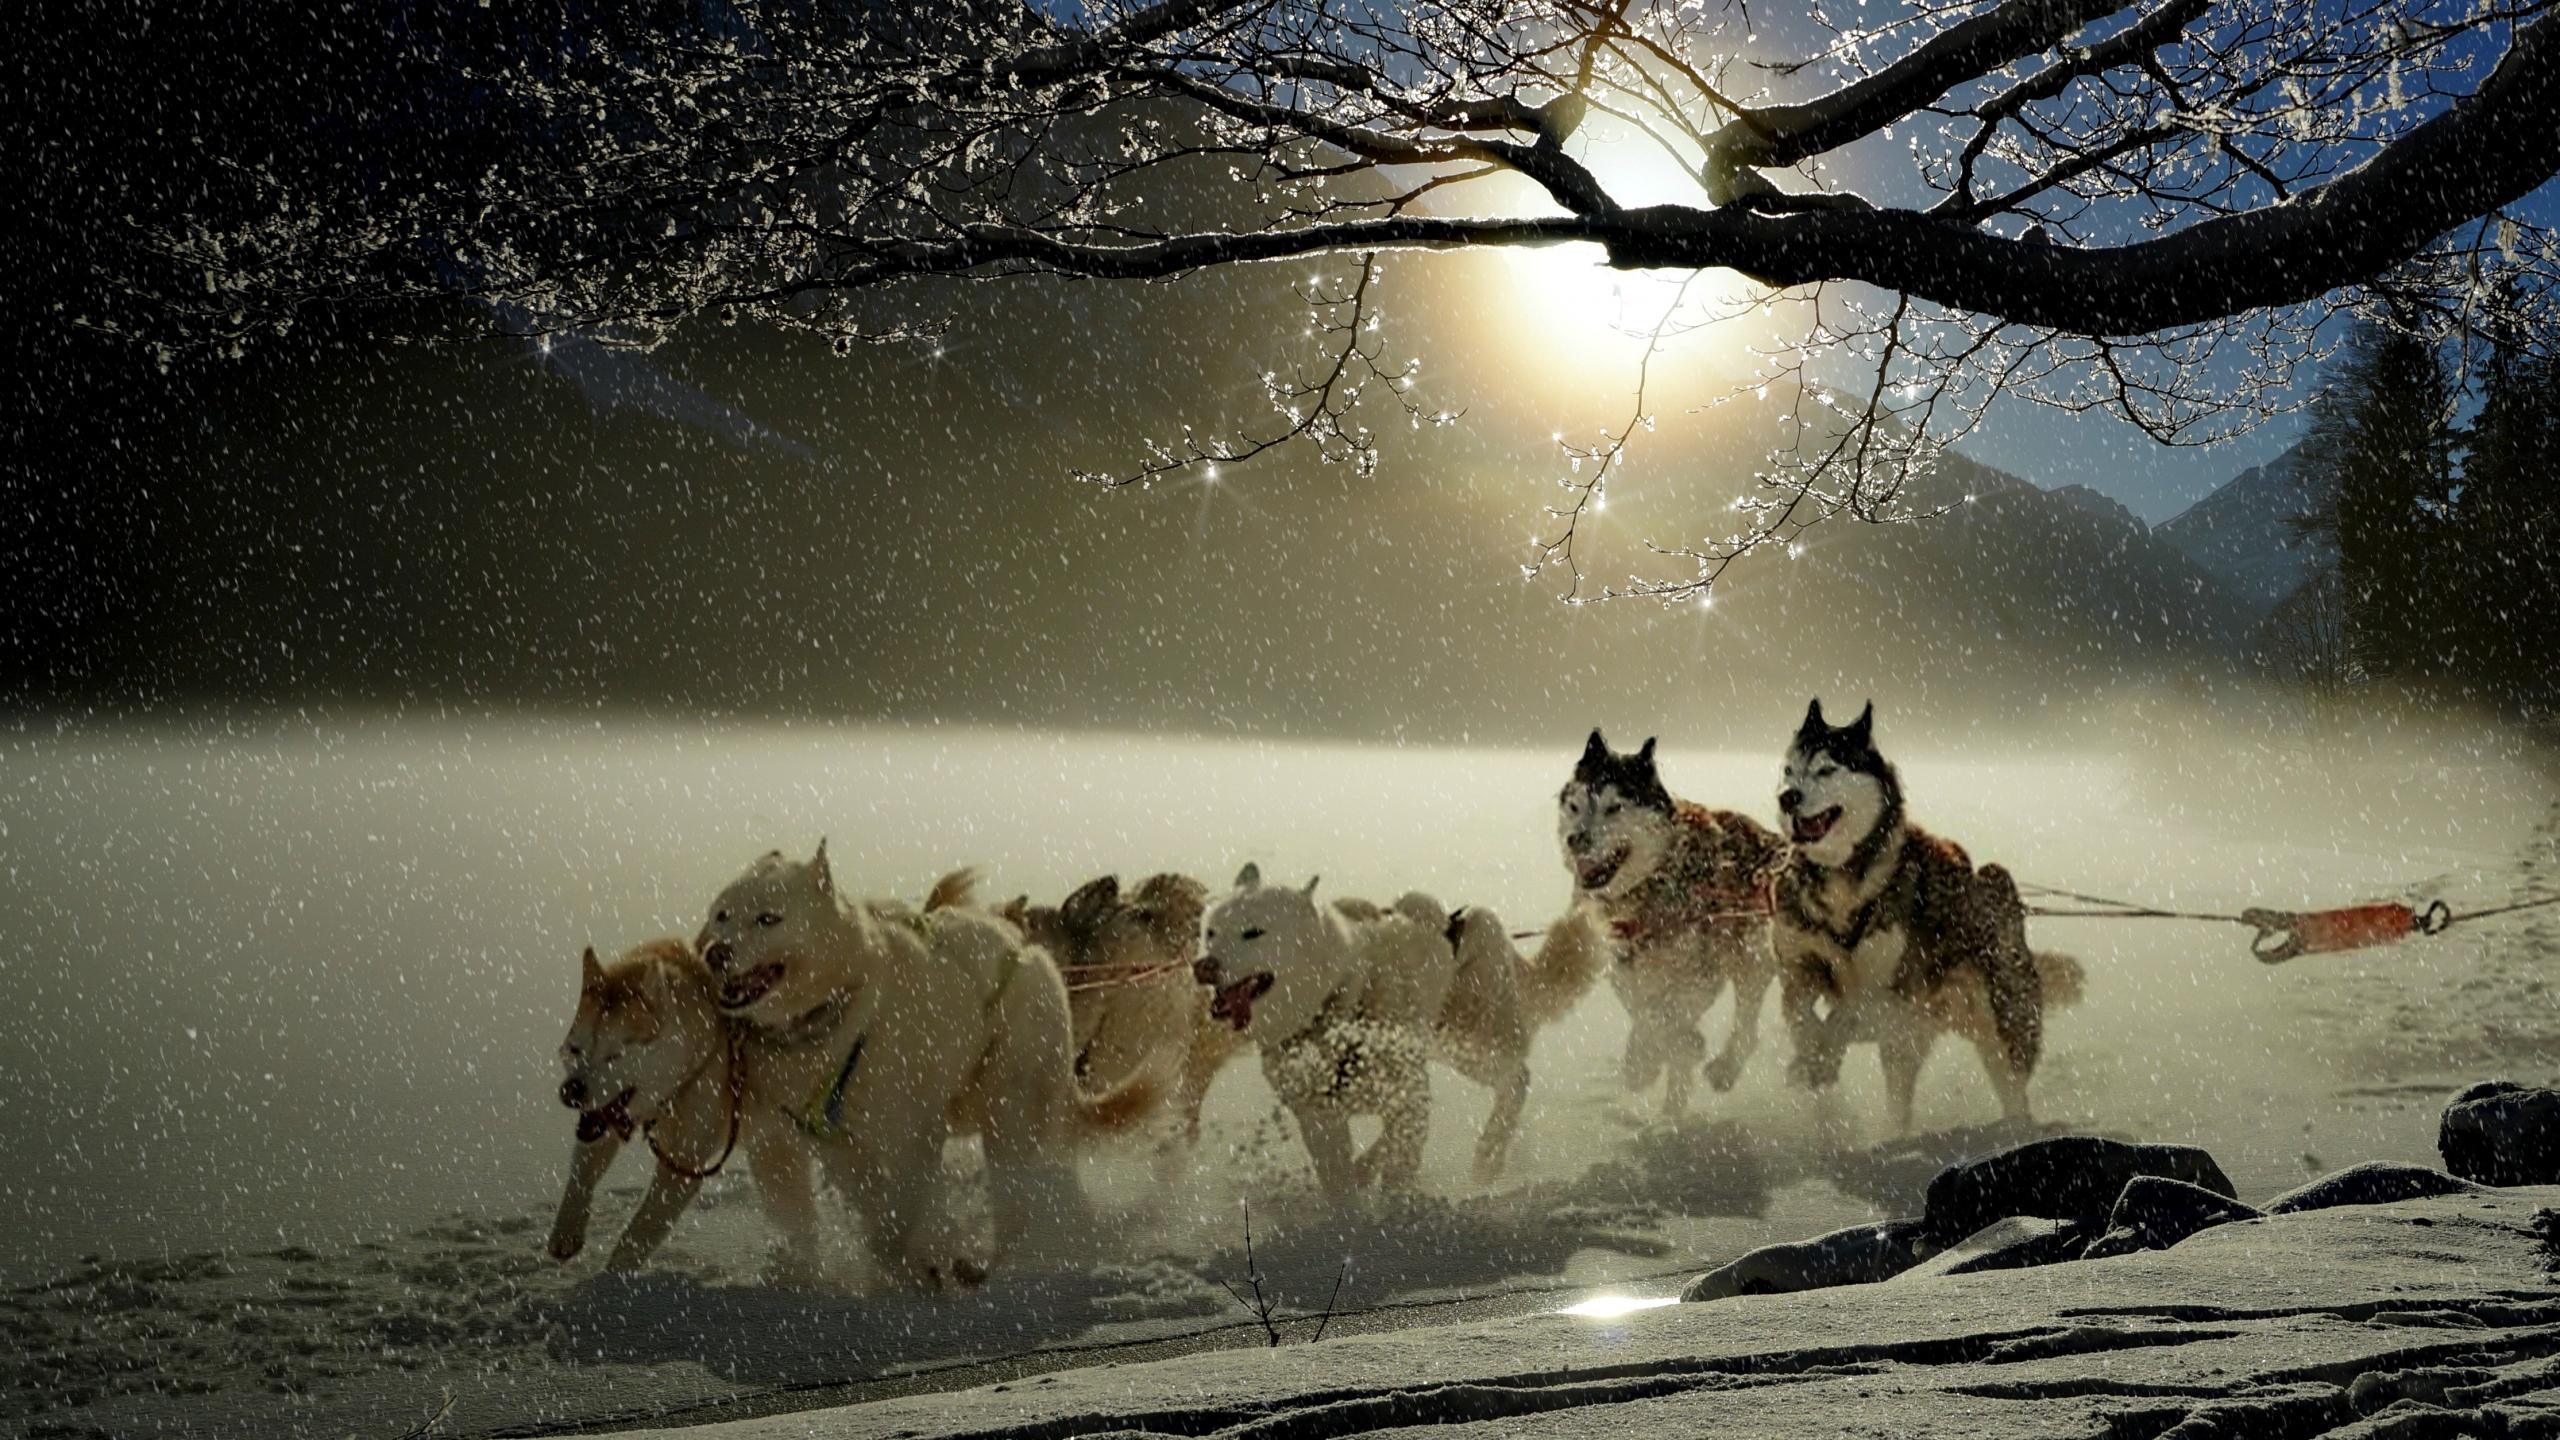 Dogs, run, winter, outdoor, 2560x1440 wallpaper